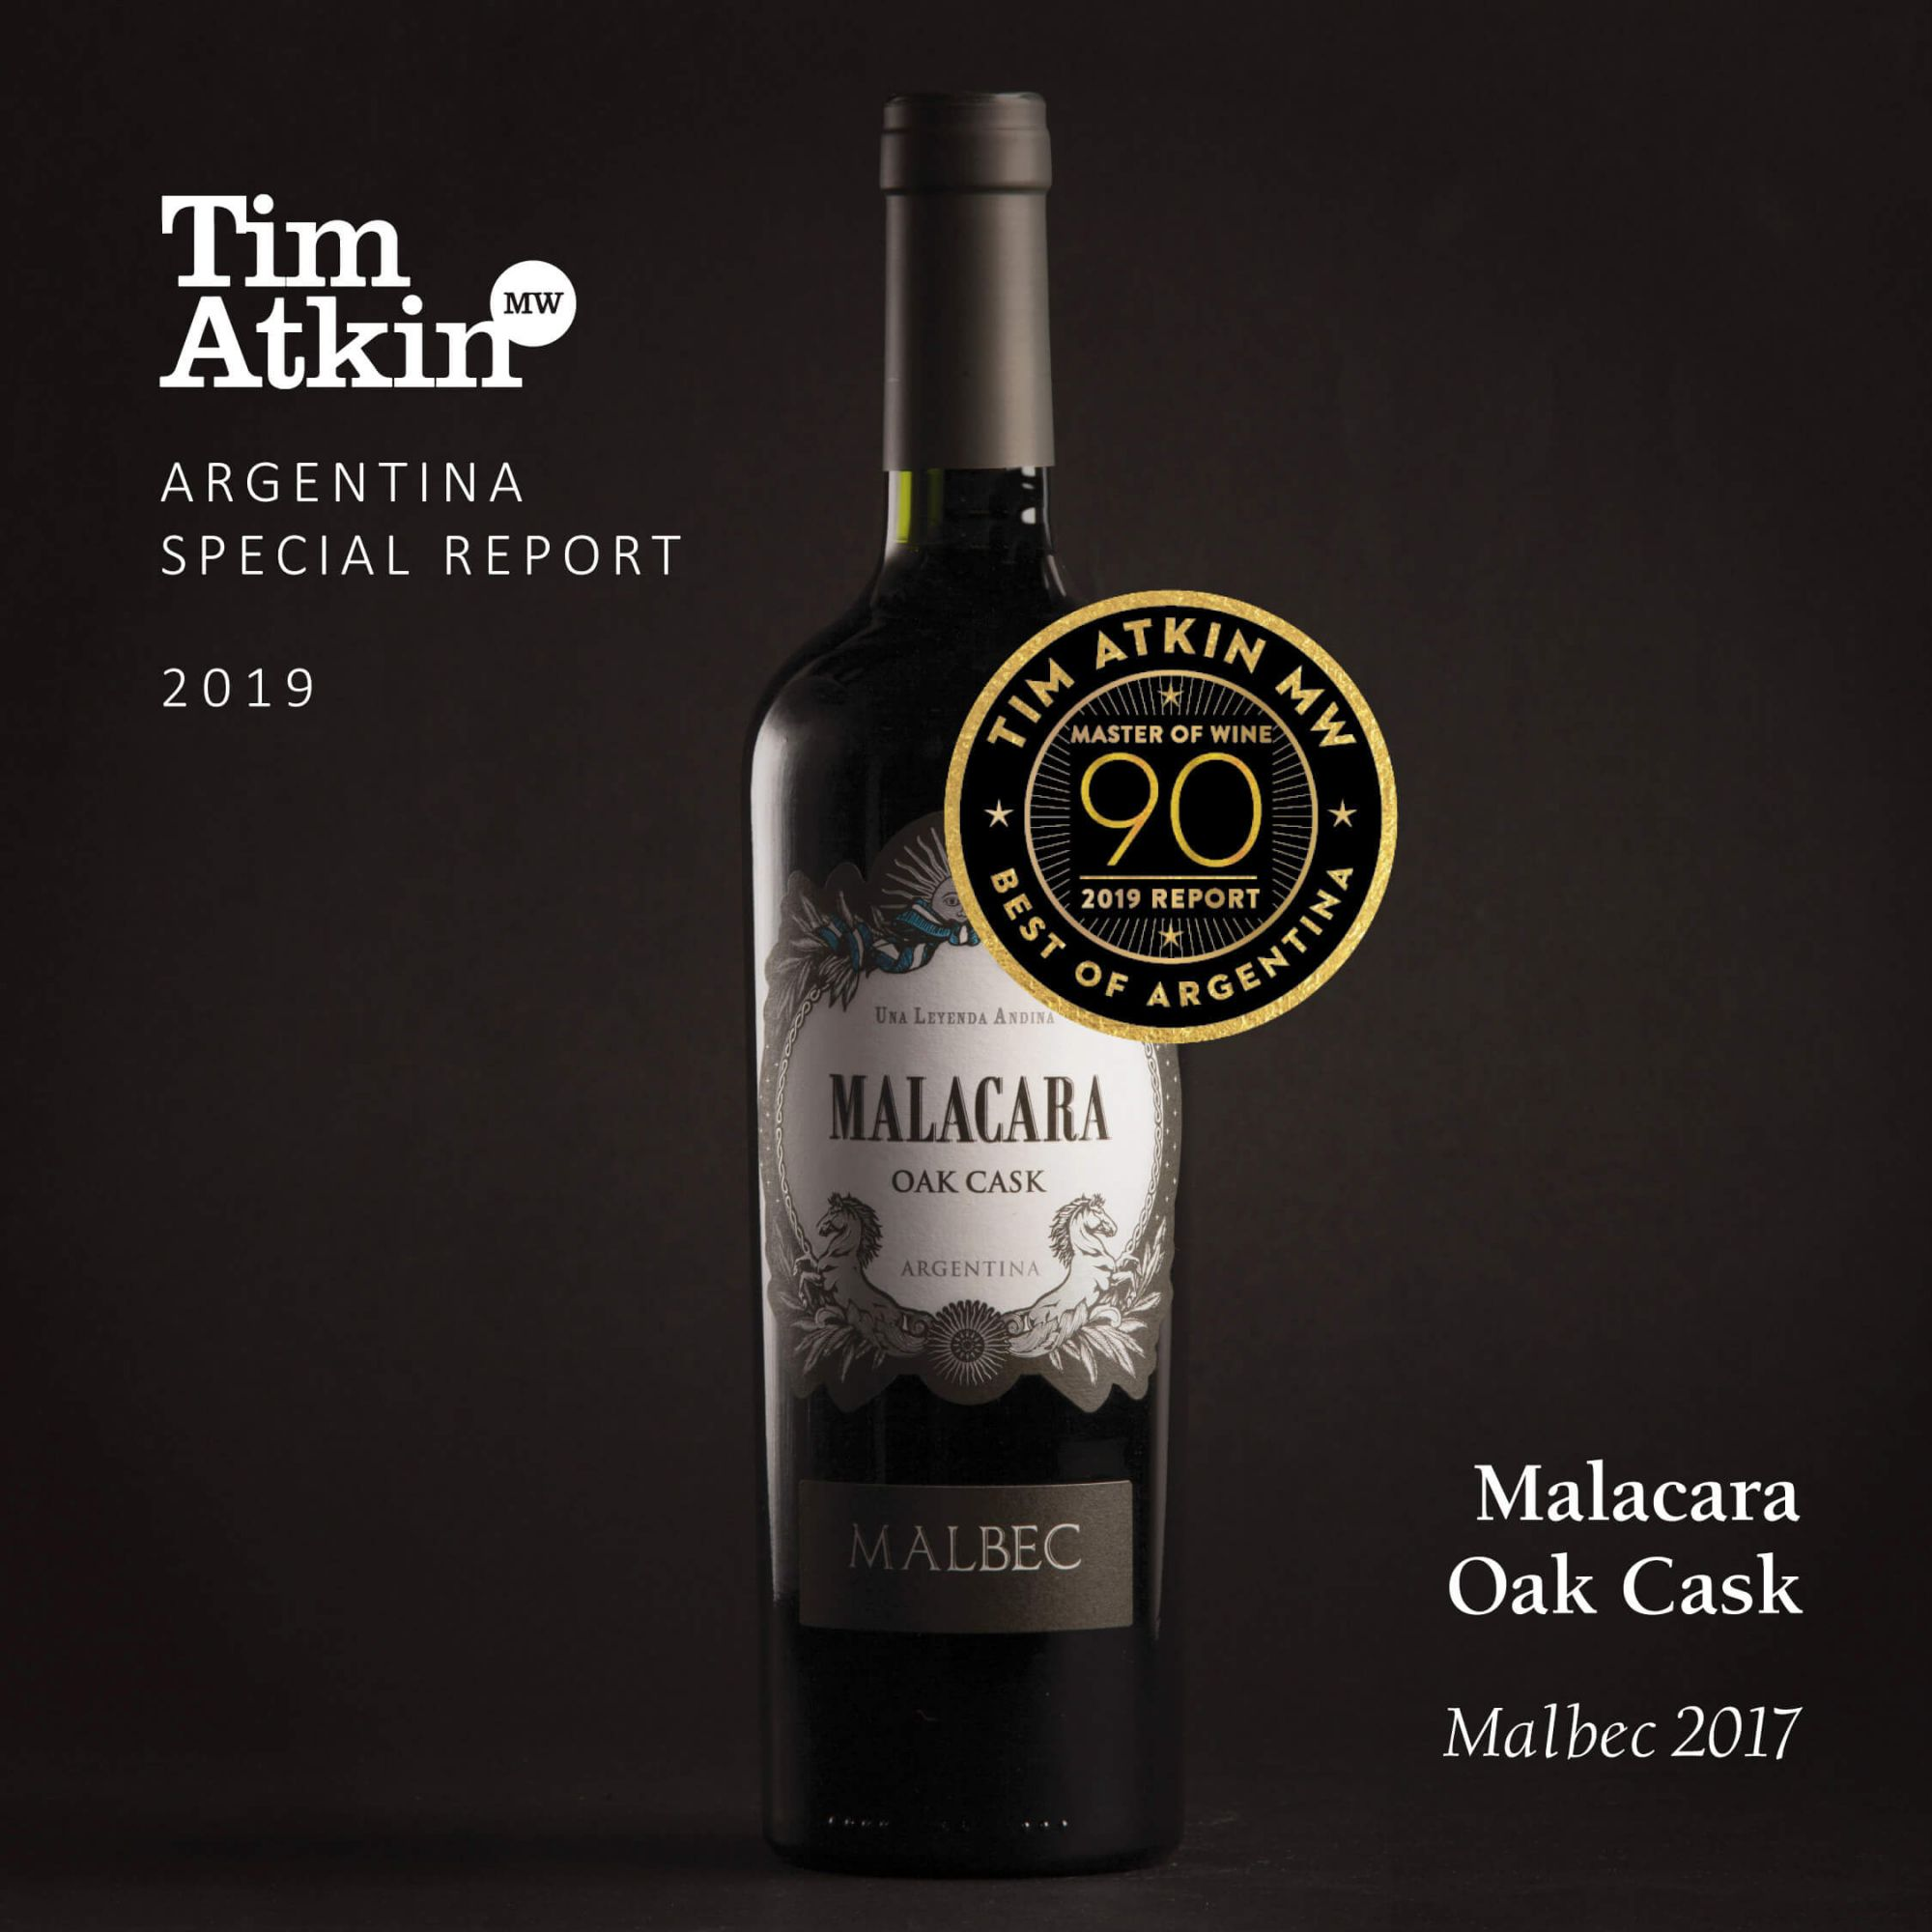 Vinho Tinto Argentino Malacara OAK CASK Malbec 2017